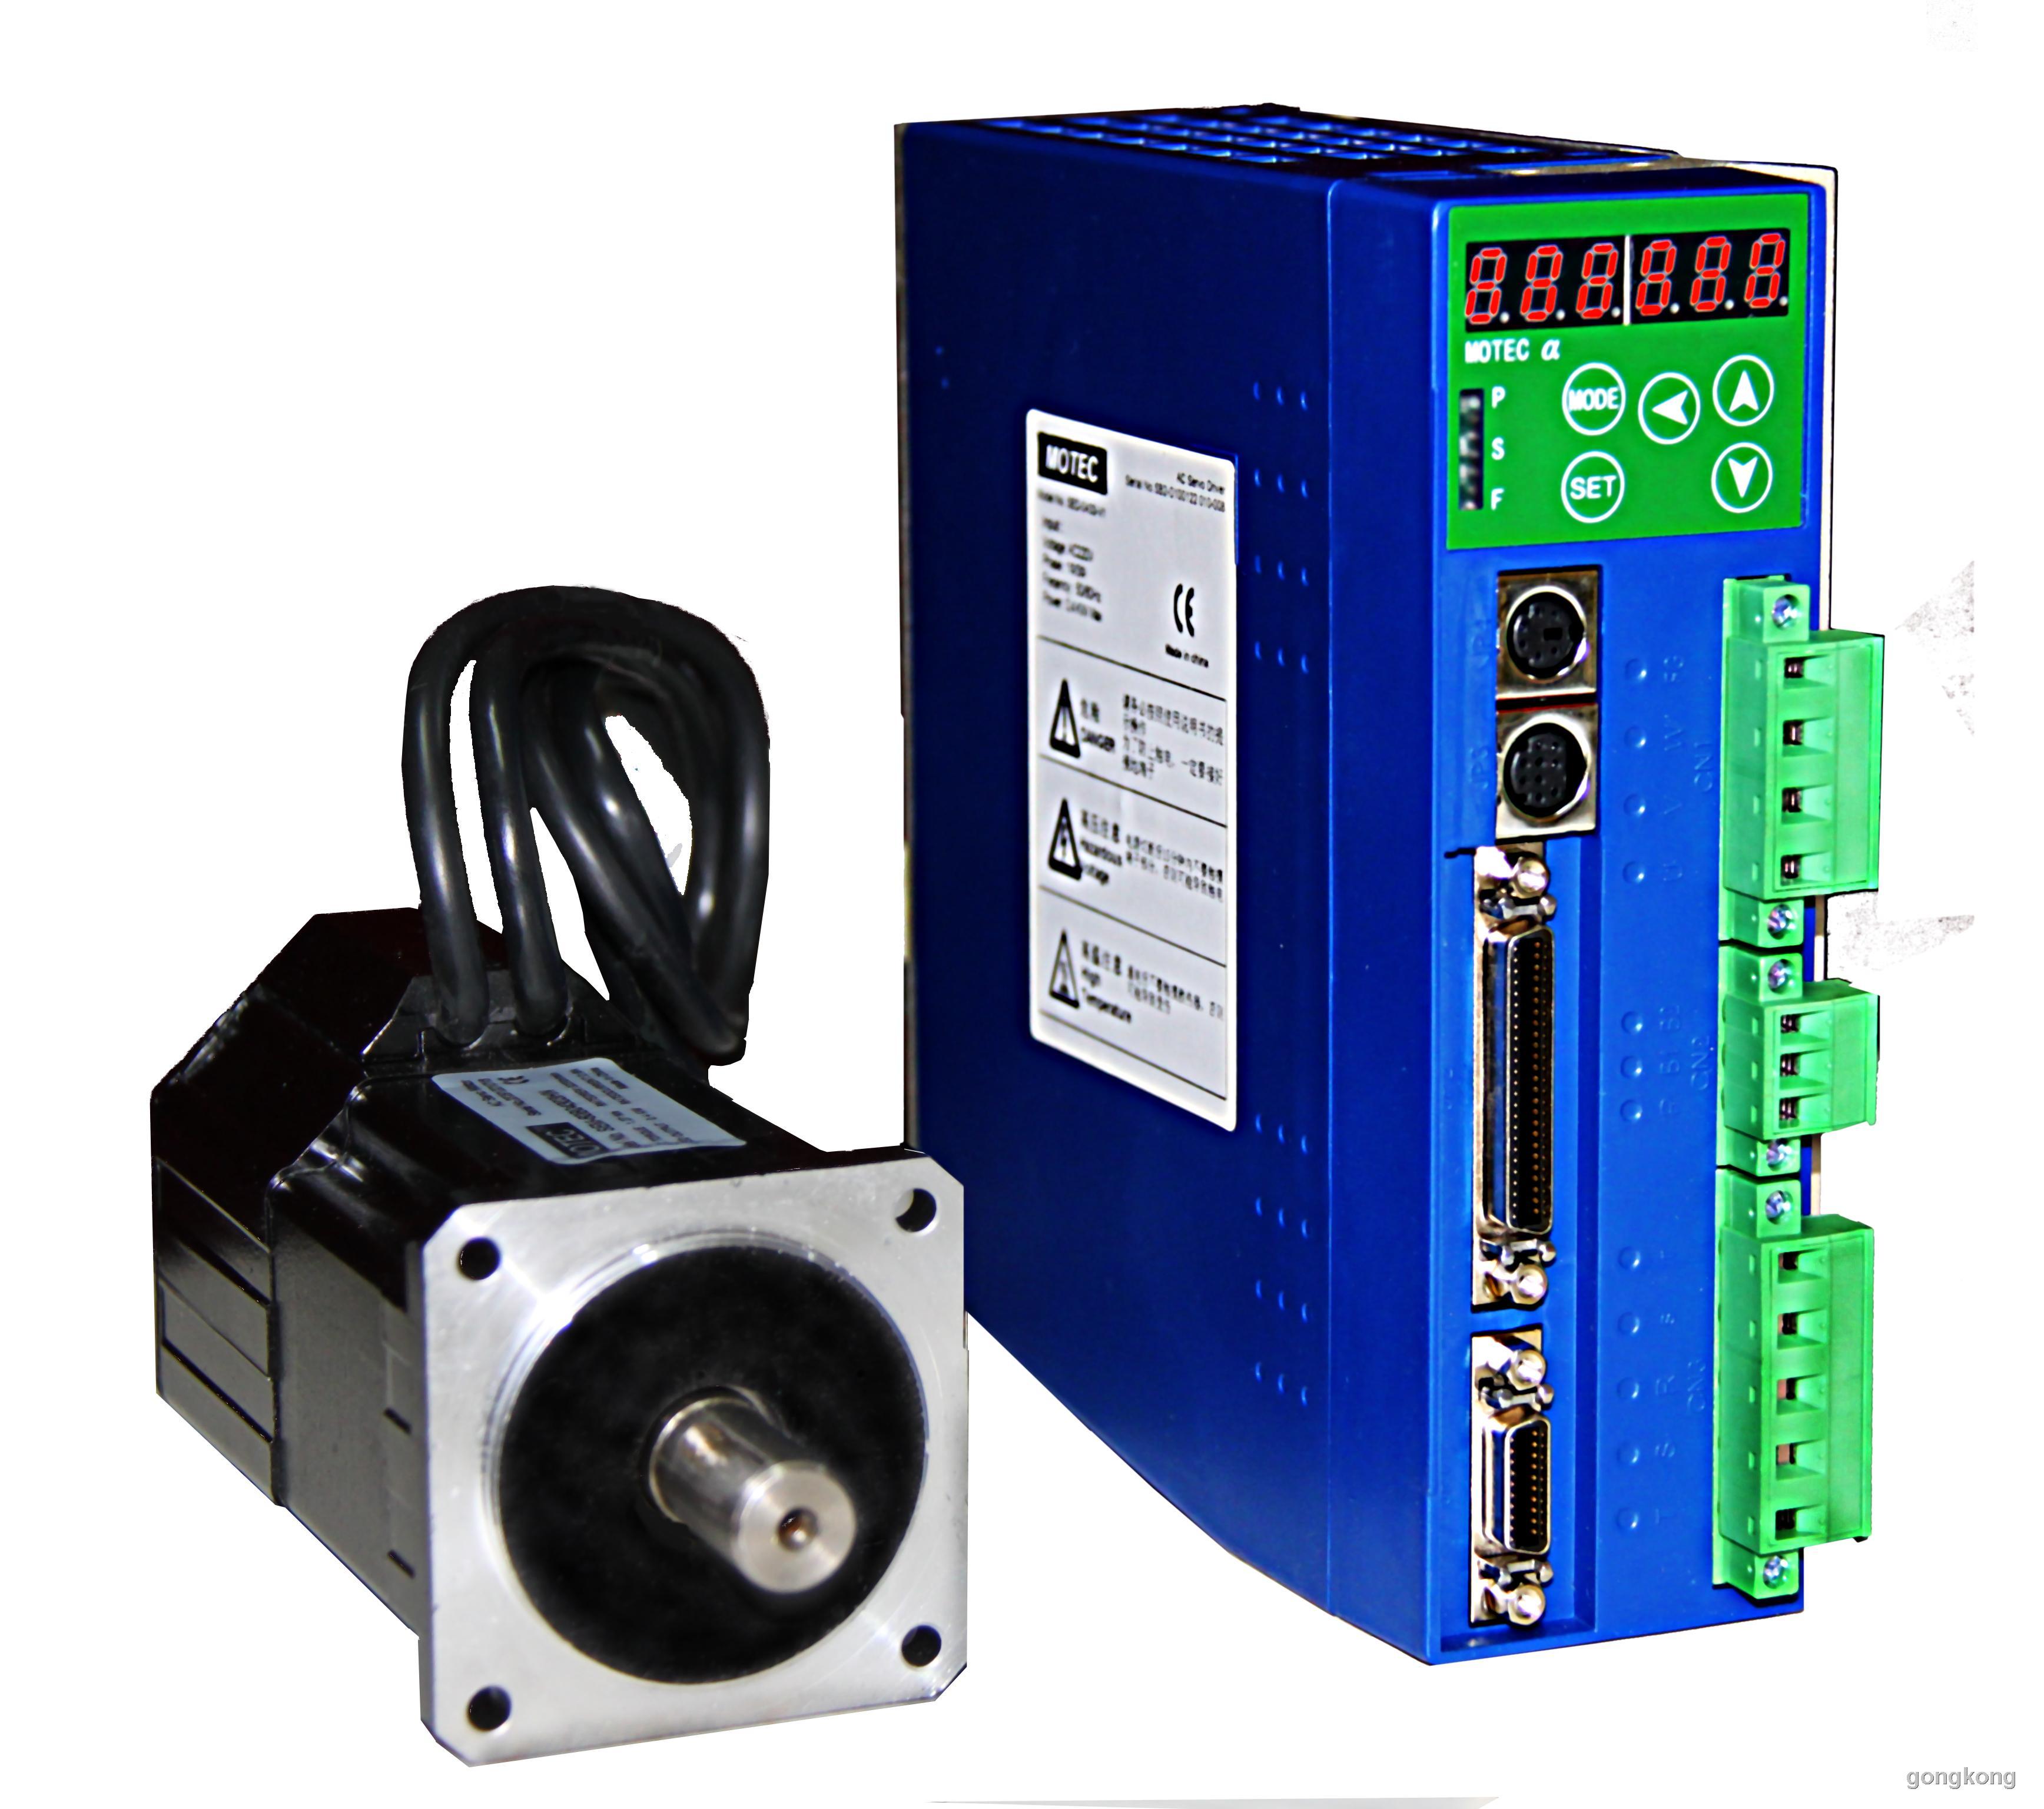 意美德 MOTEC交流伺服电机与驱动器